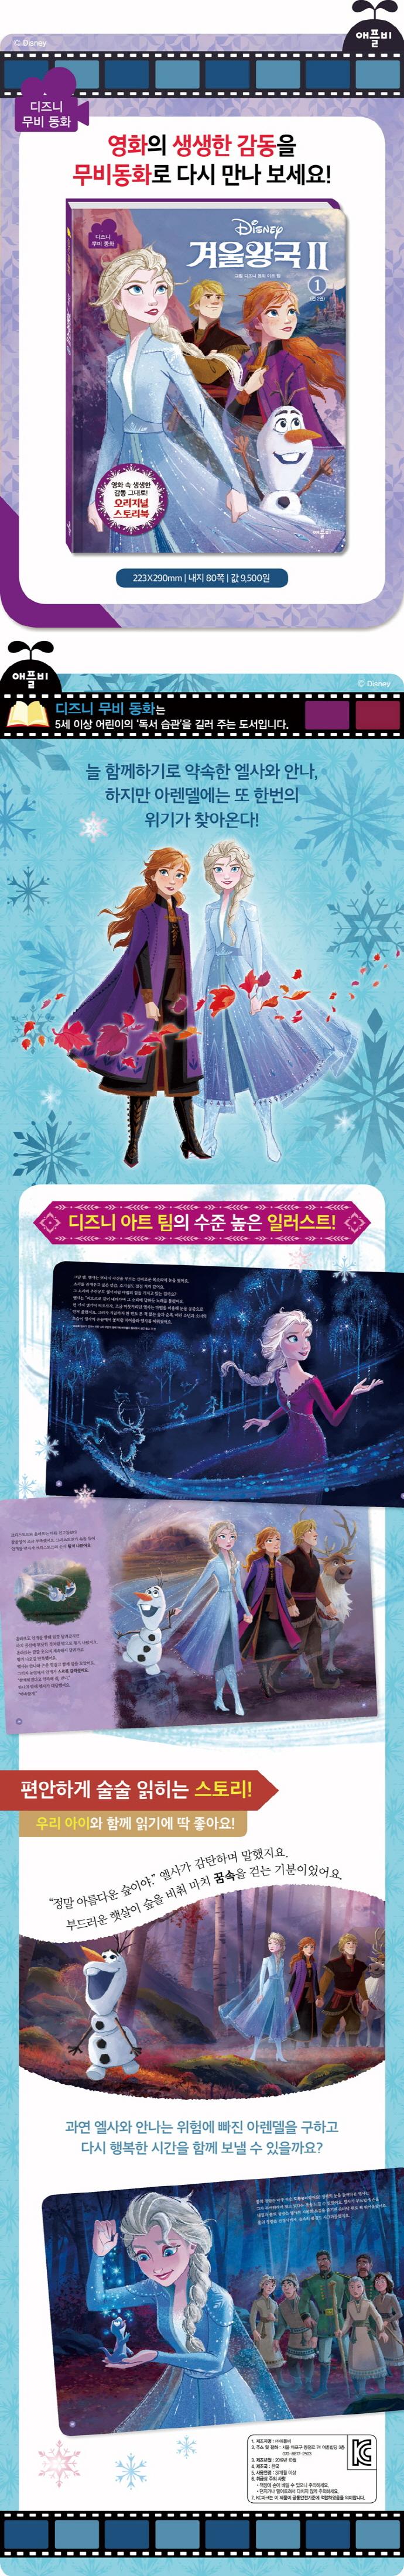 겨울왕국2. 1(디즈니)(디즈니 무비 동화)(양장본 HardCover) 도서 상세이미지